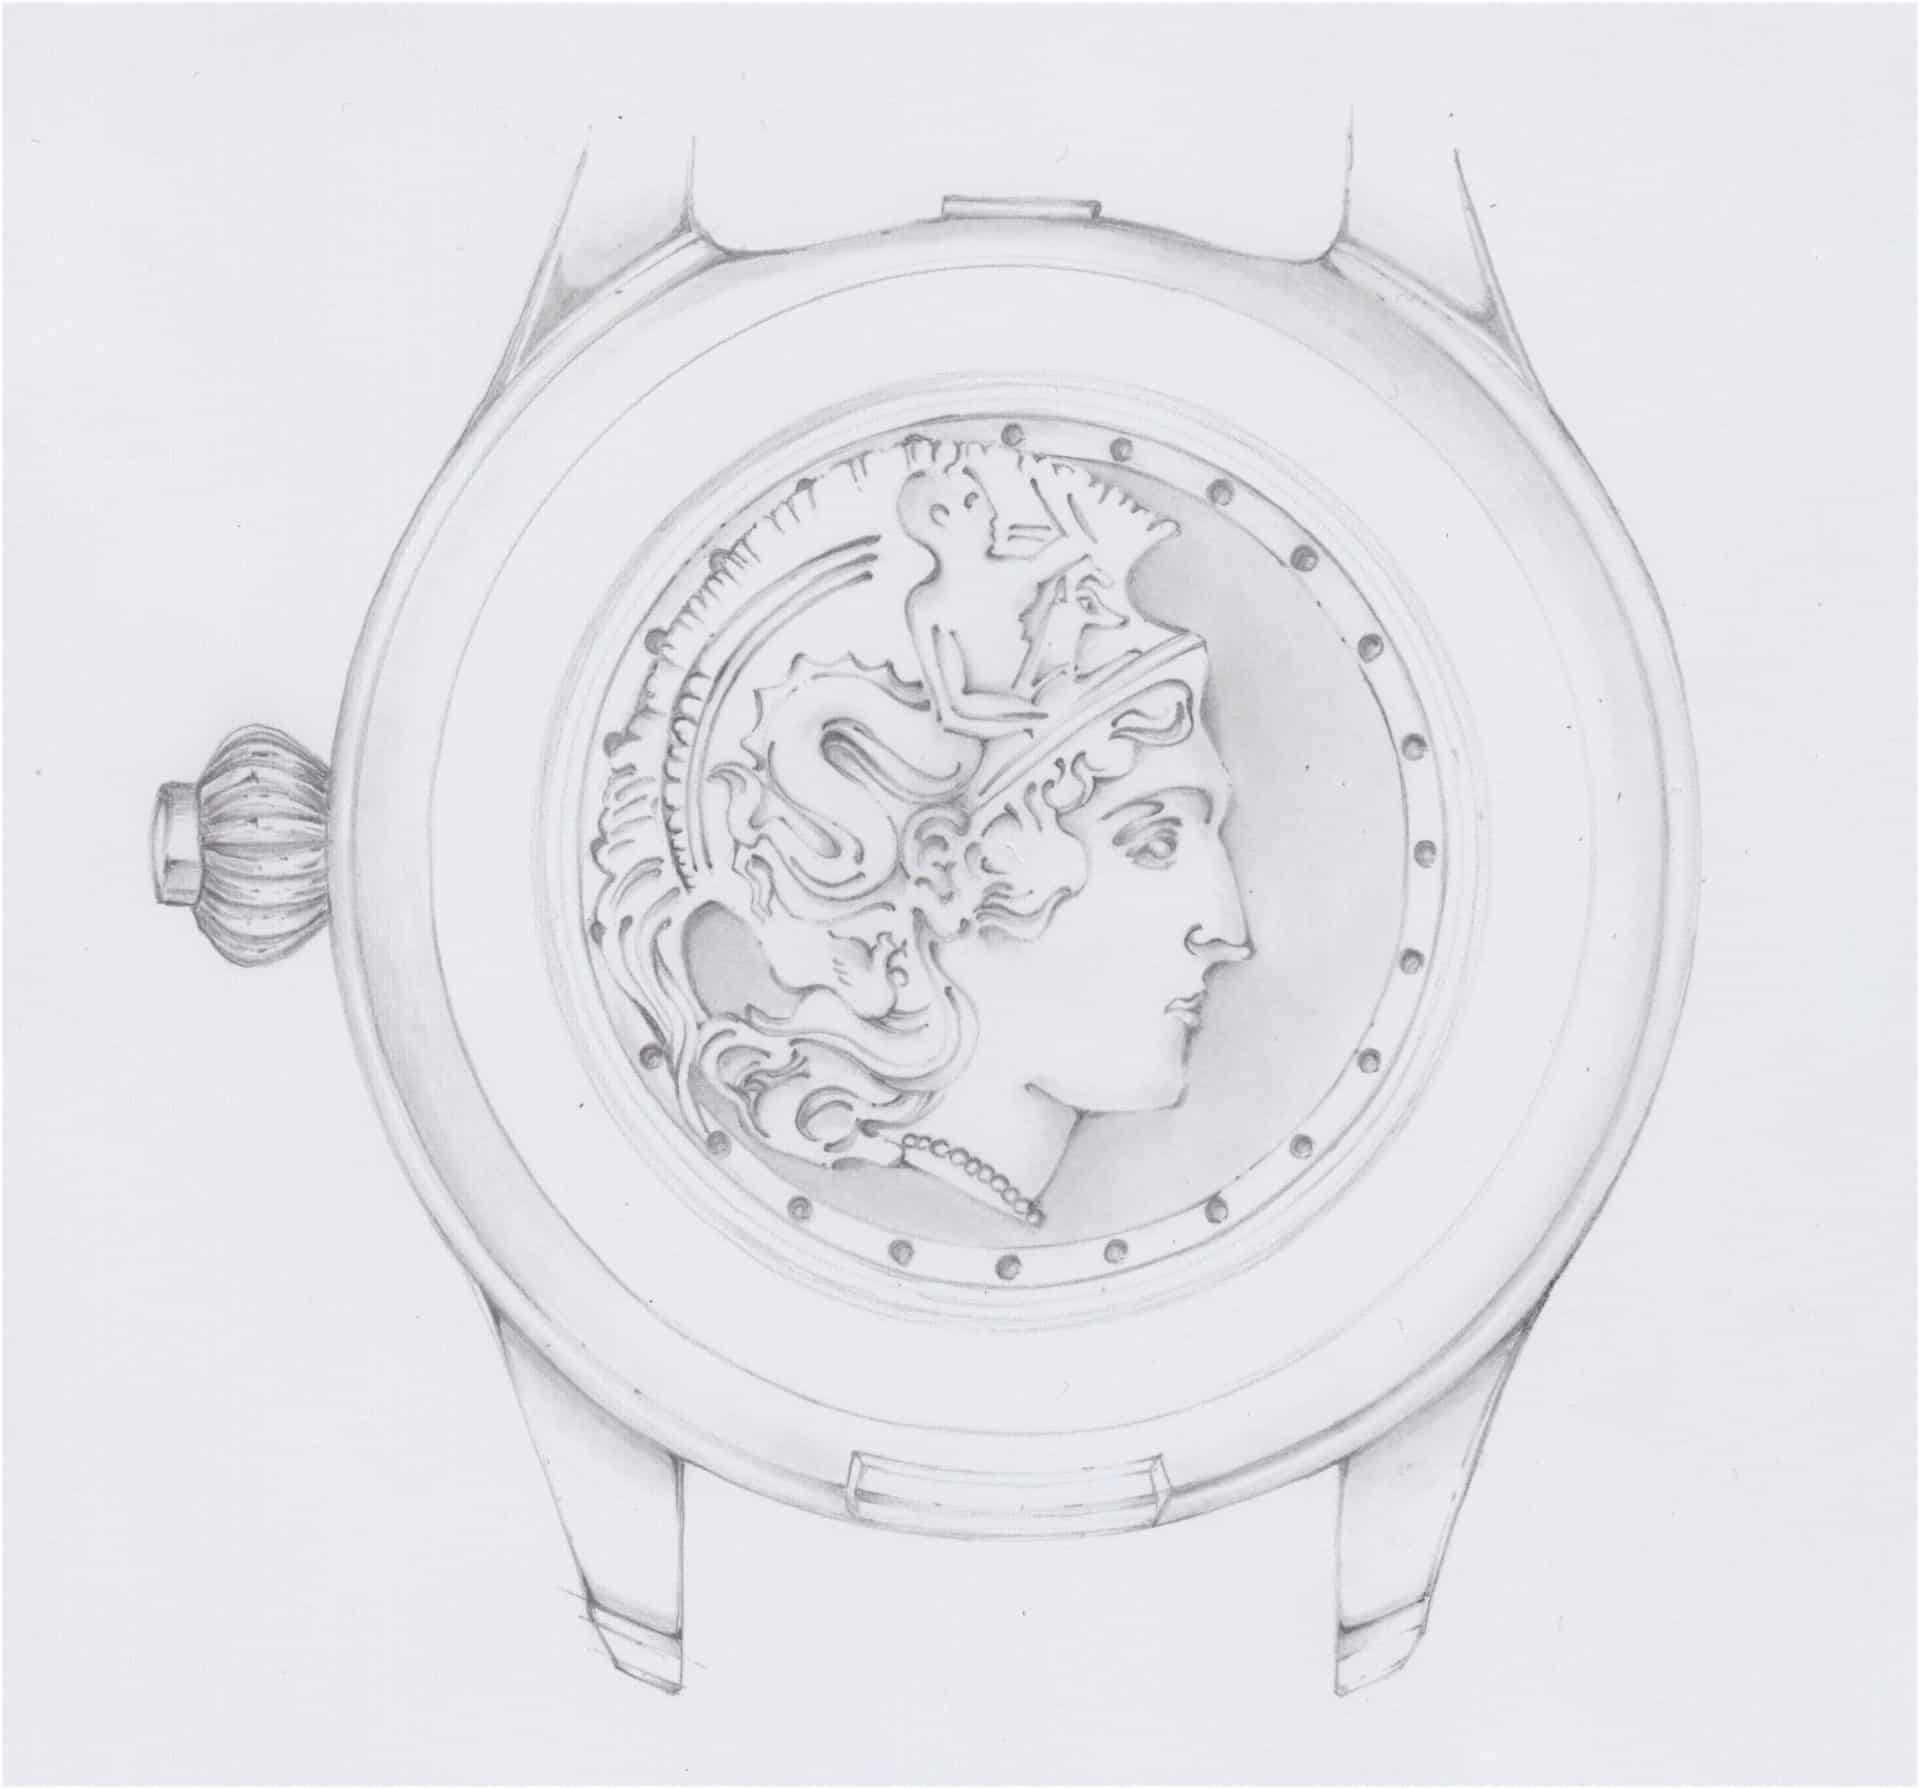 Der Boden der Uhr aus Titan trägt das Abbild der Göttin Minerva